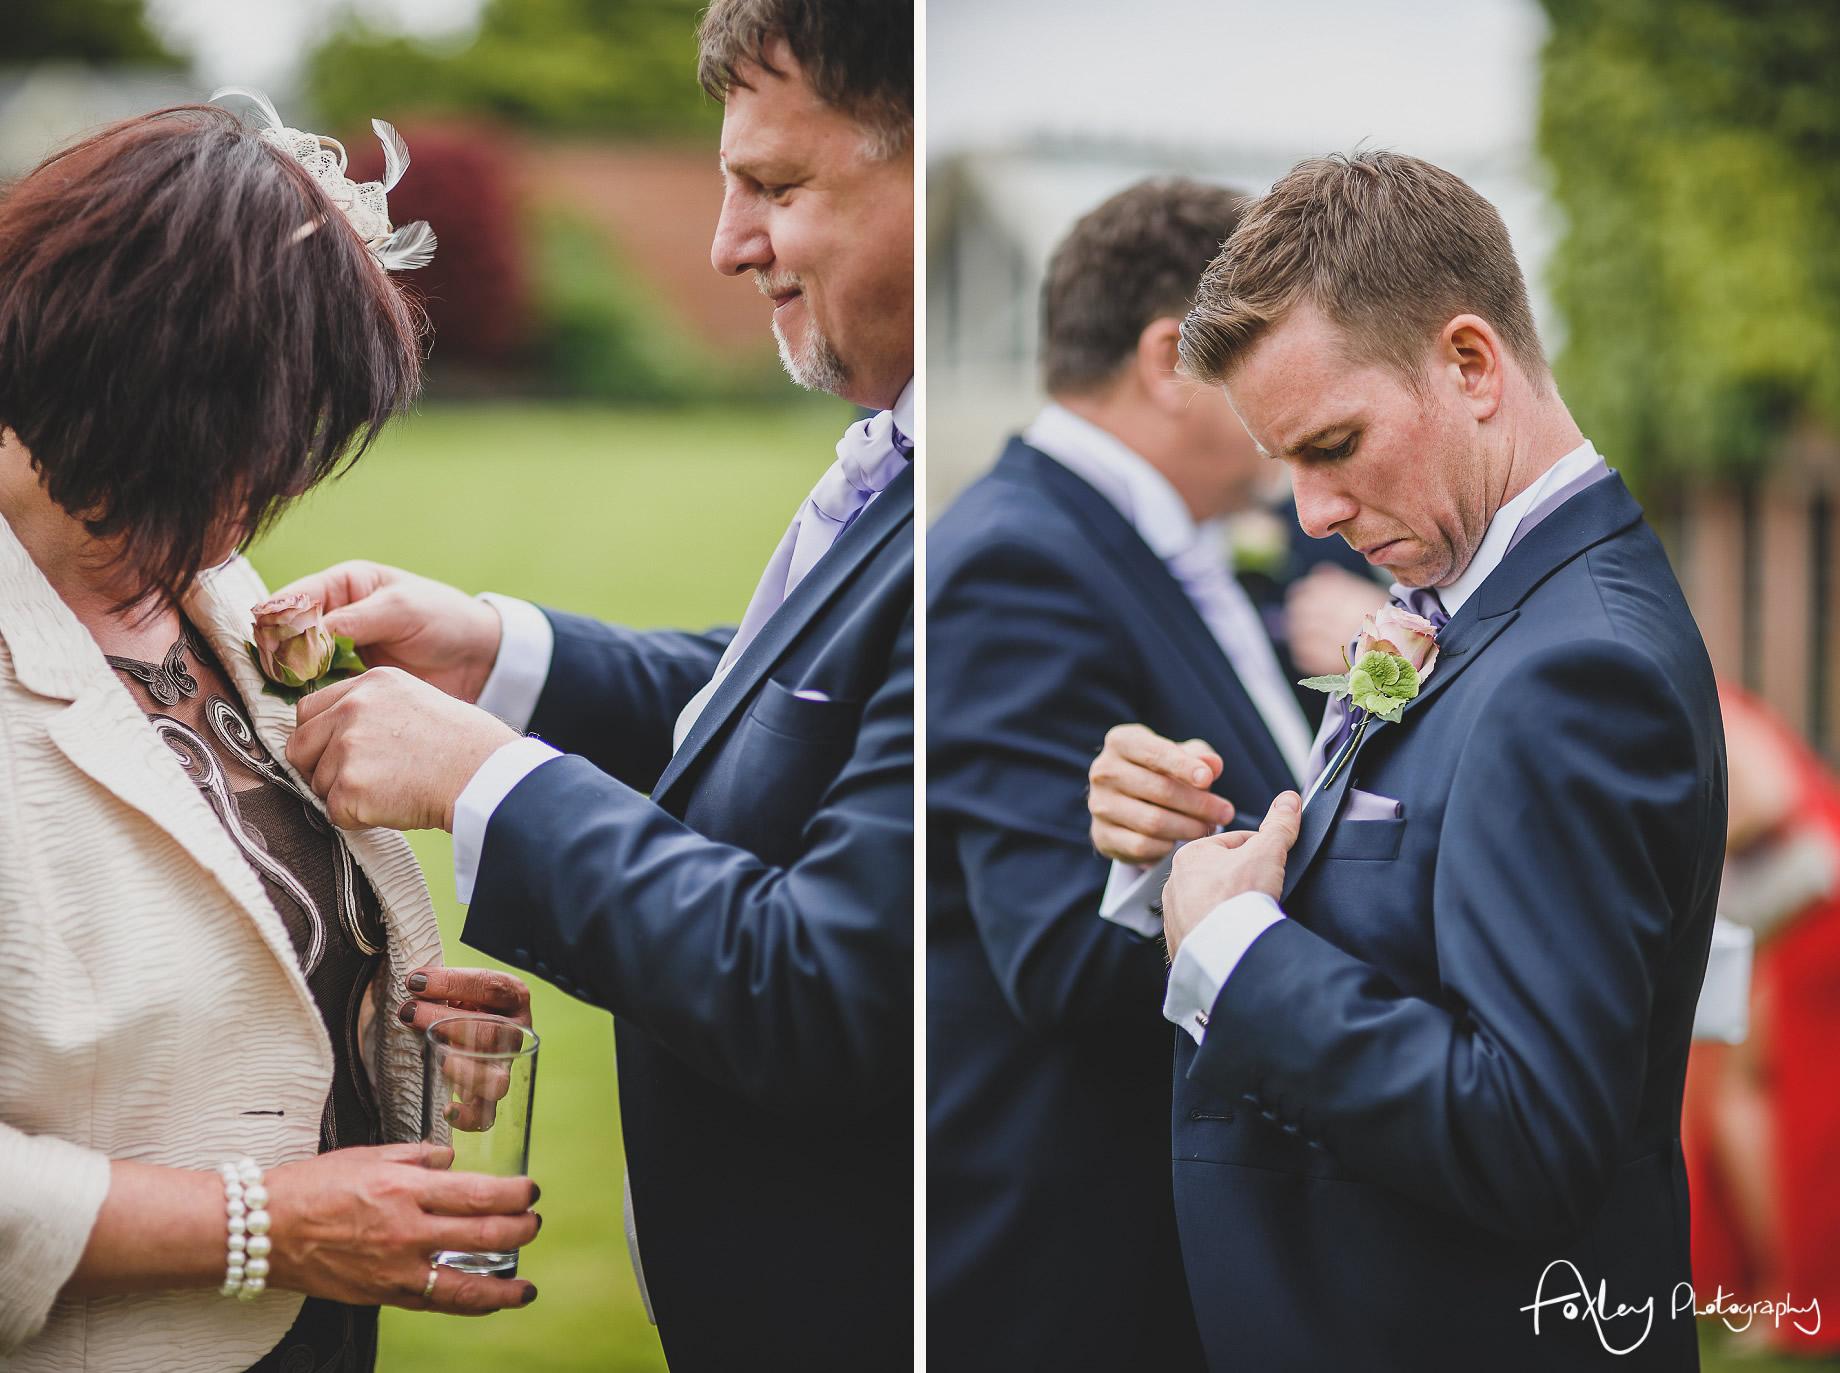 Simona-and-Robert-Wedding-at-Colshaw-Hall-078